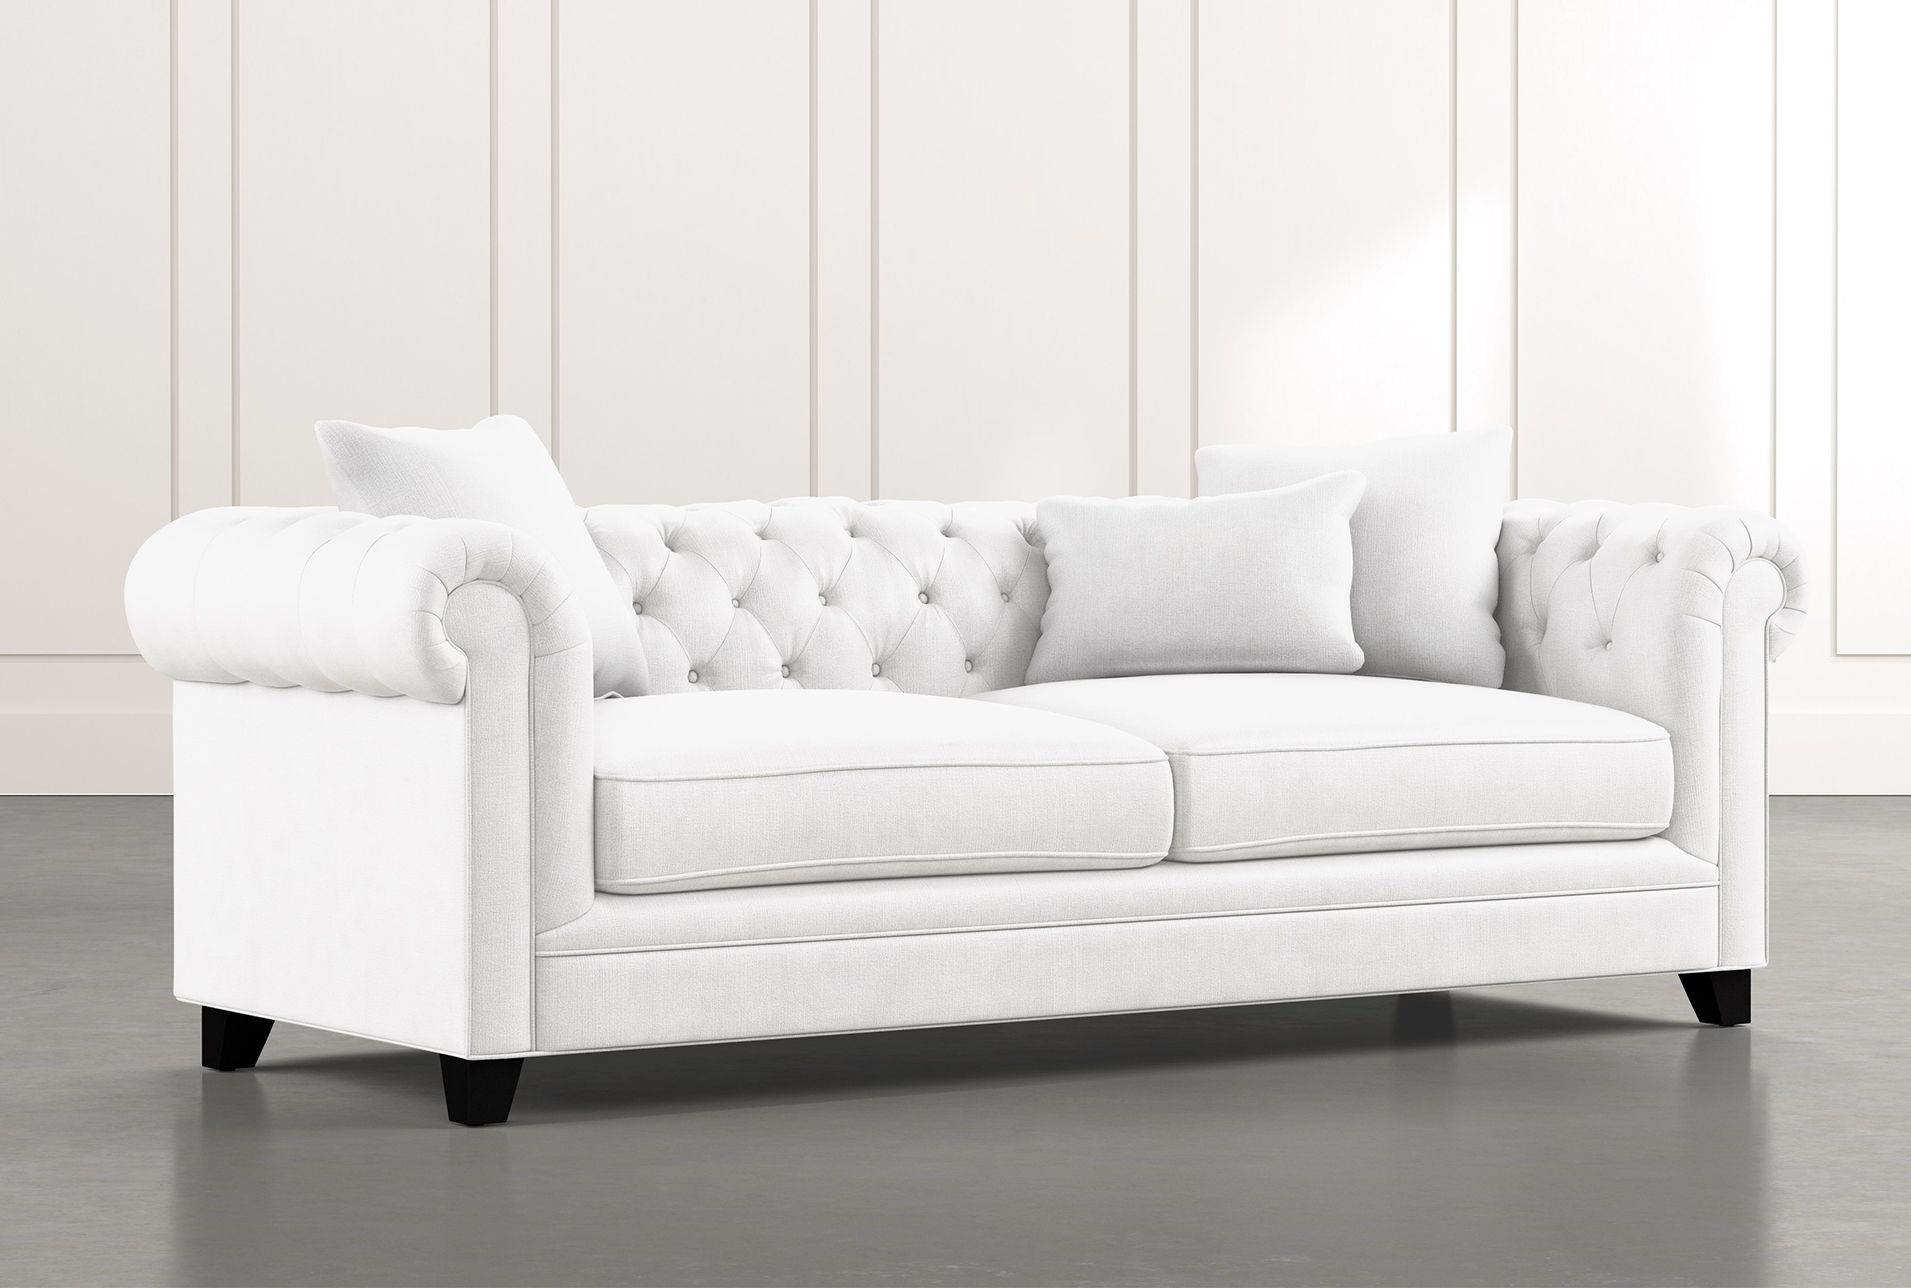 Patterson Iii White Sofa In 2020 White Sofas White Sofa Living Room White Sofa Living